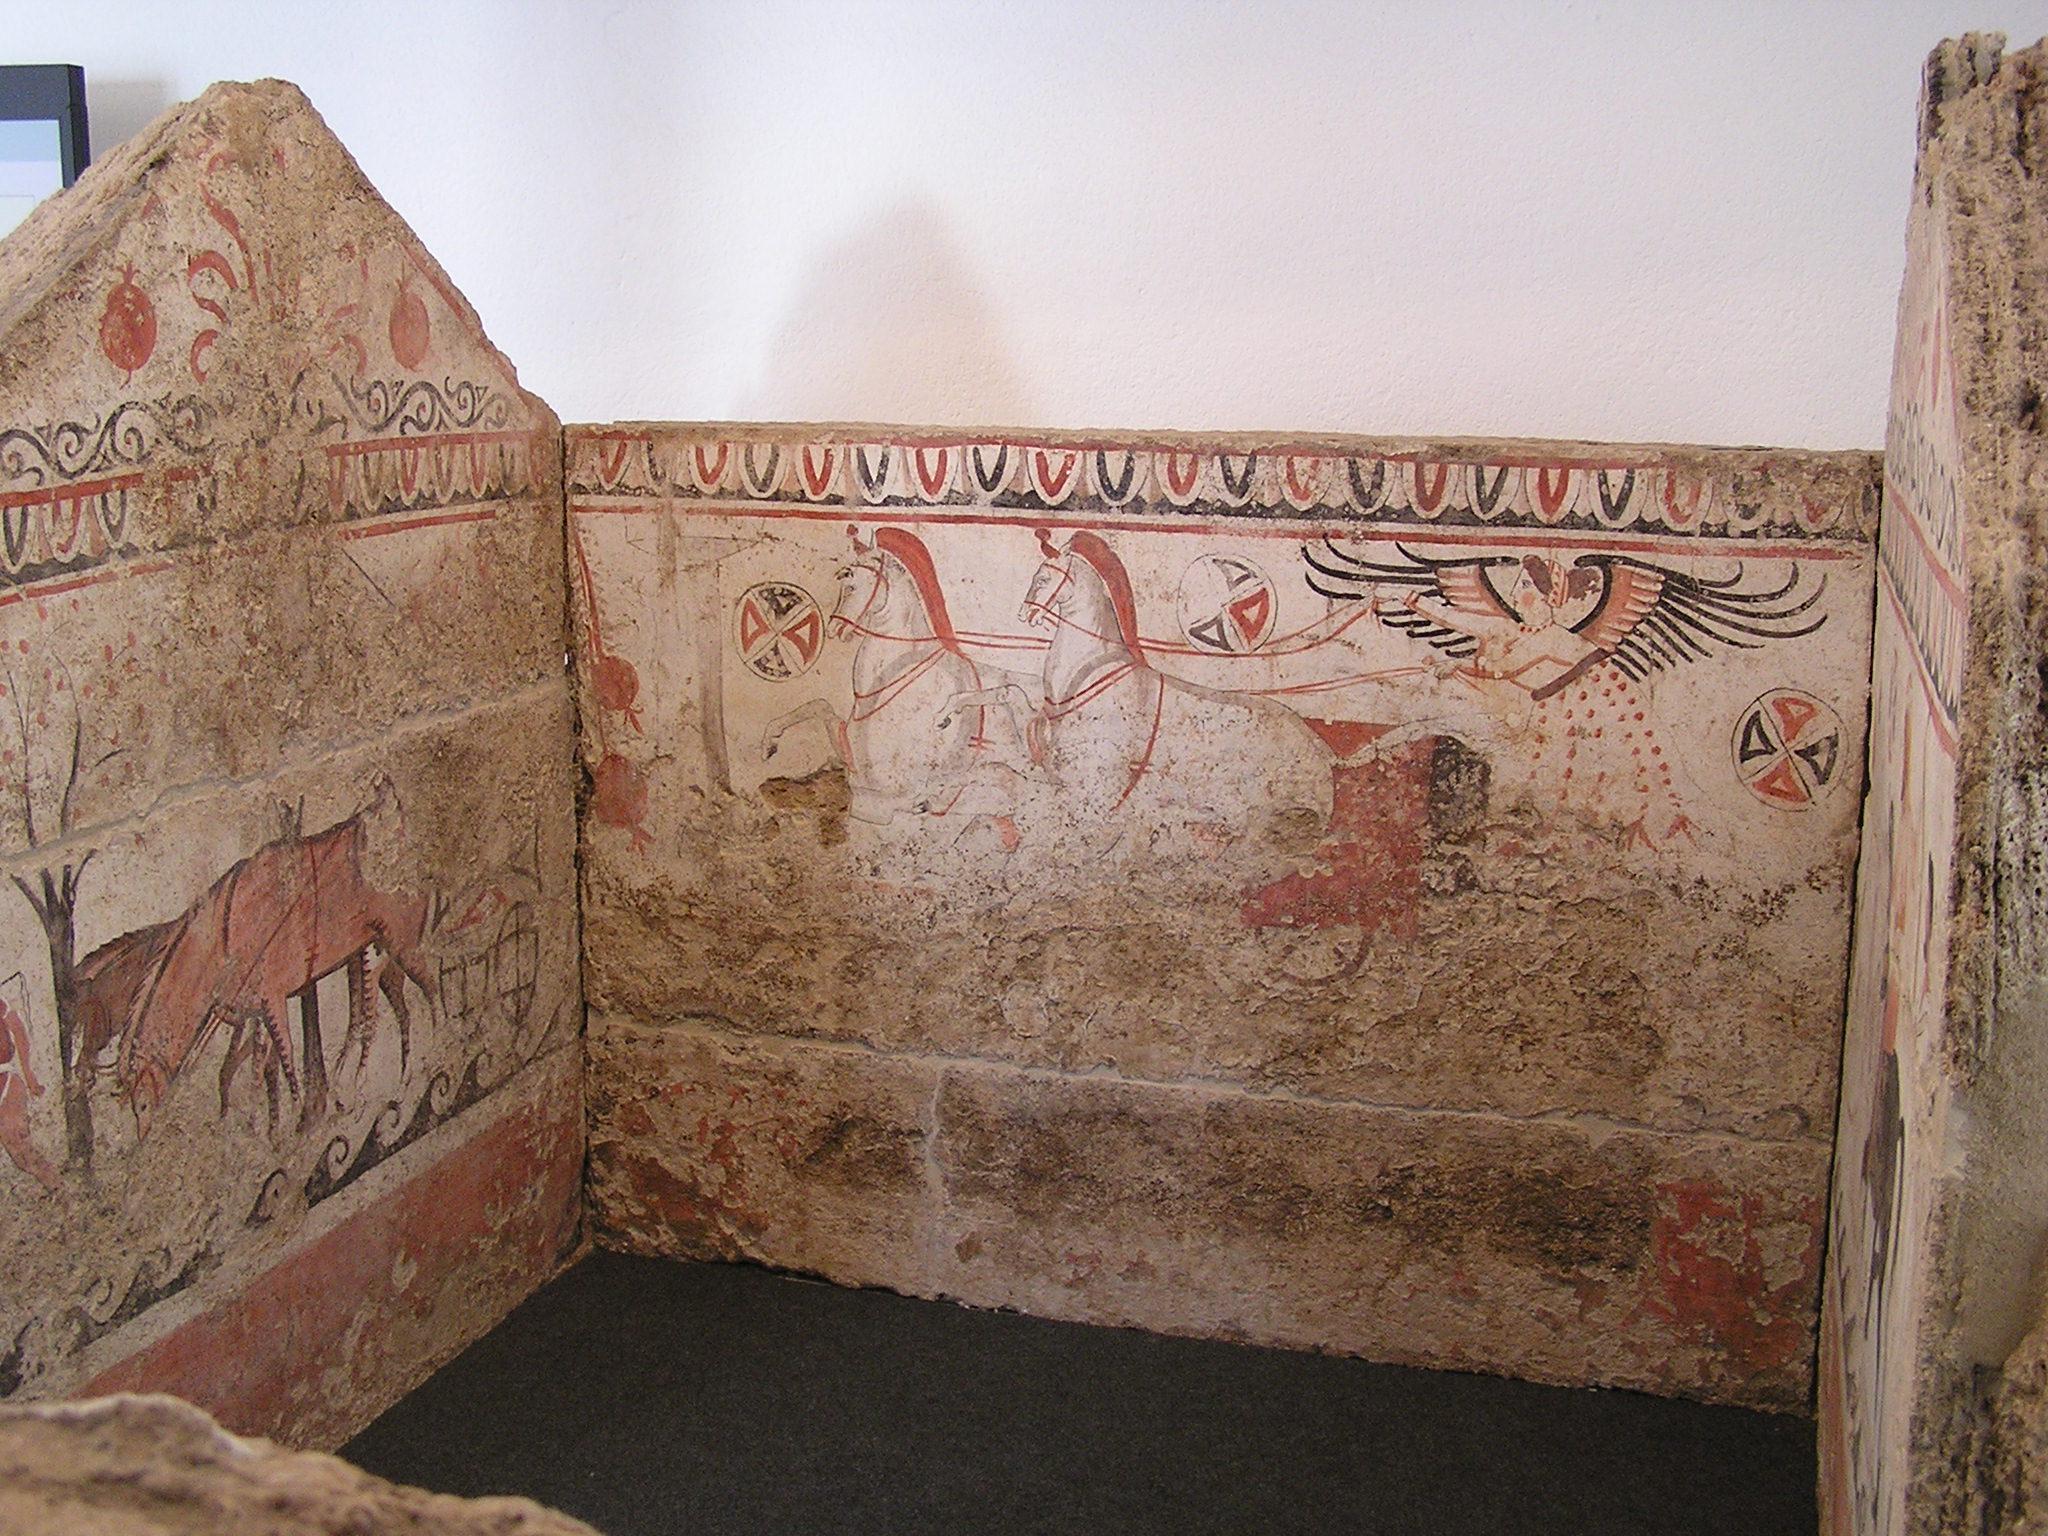 They had big tombs, no?